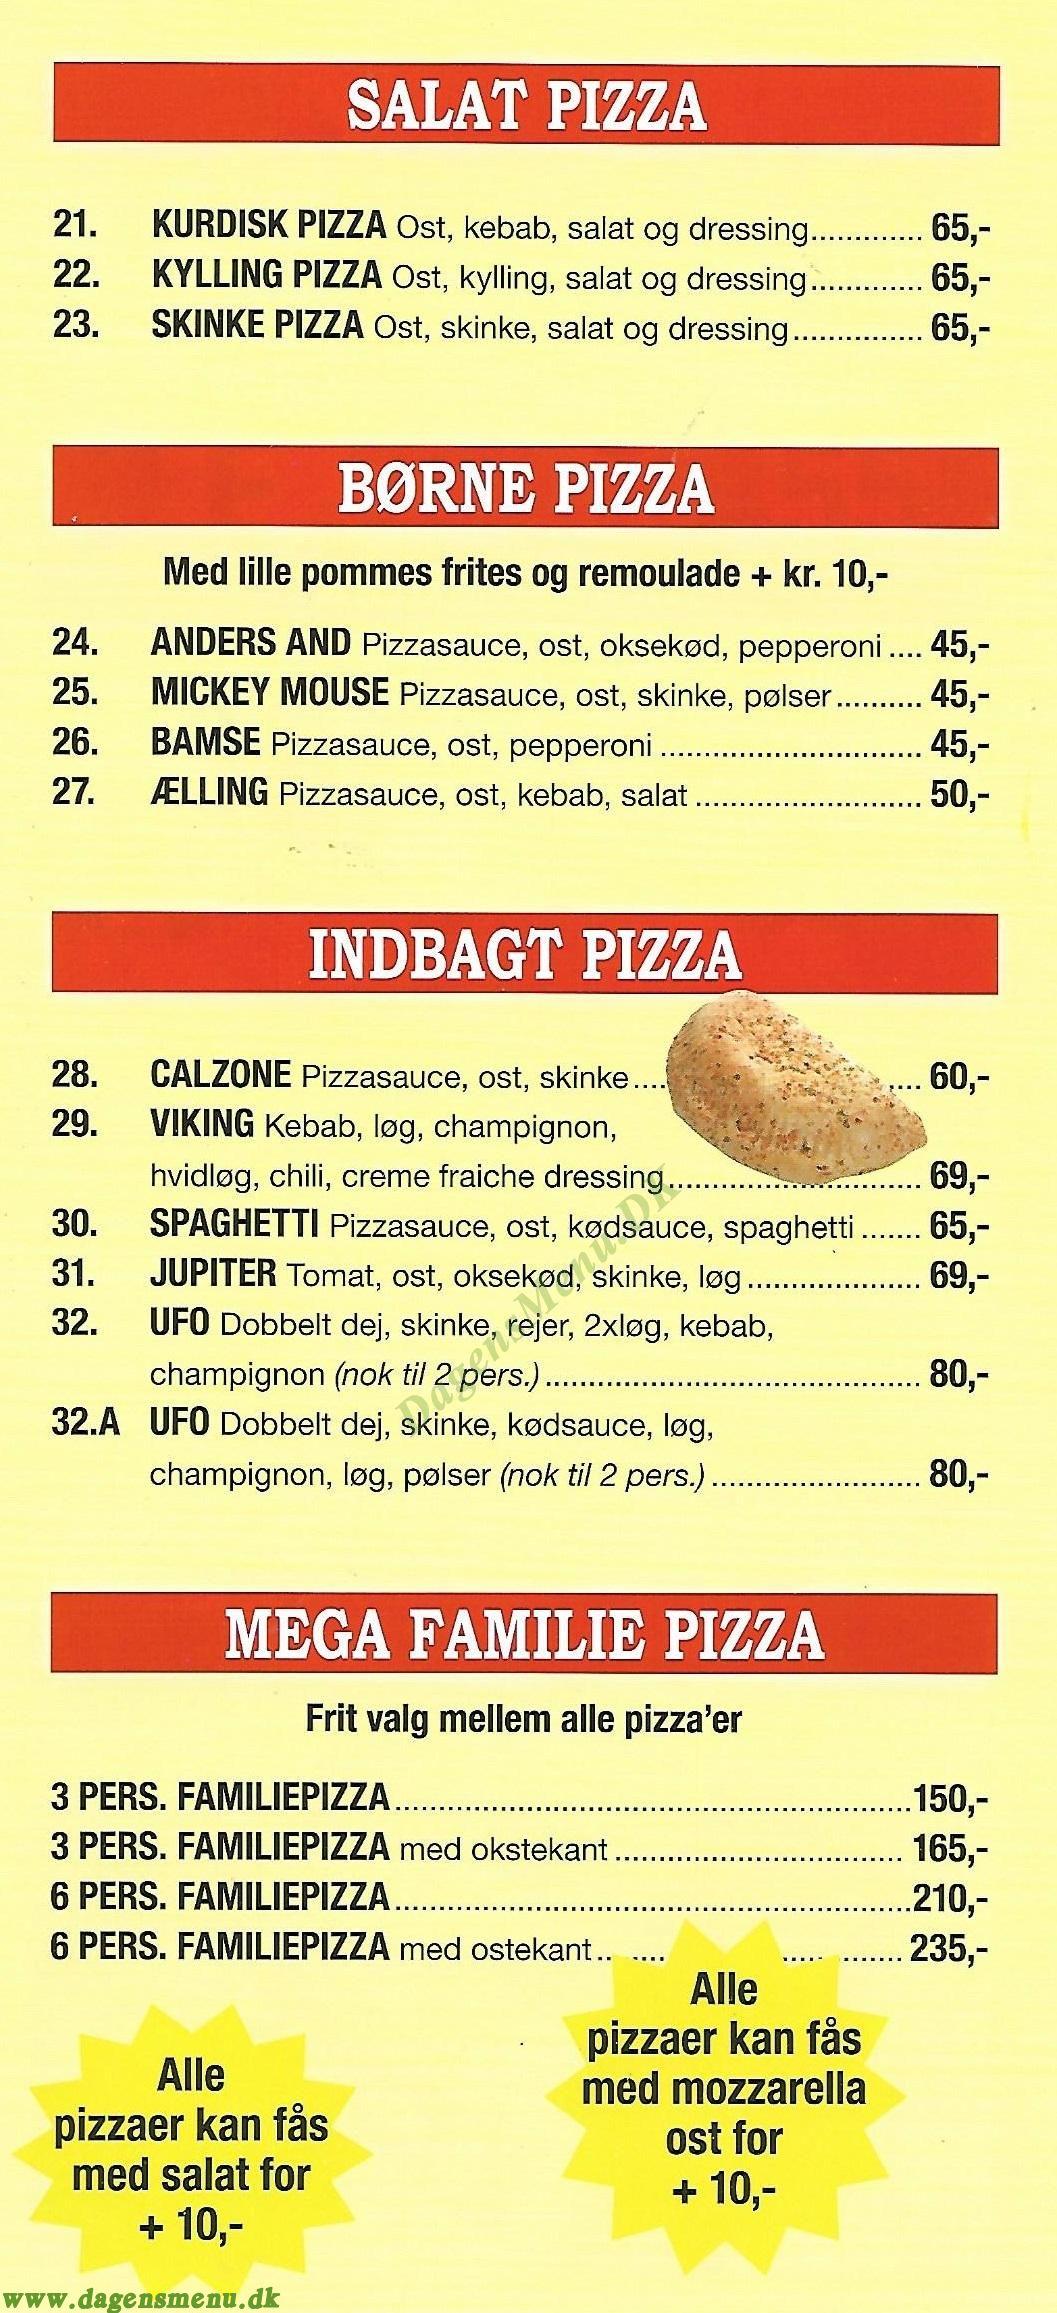 Istanbul Pizza, kebab & Grill - Menukort